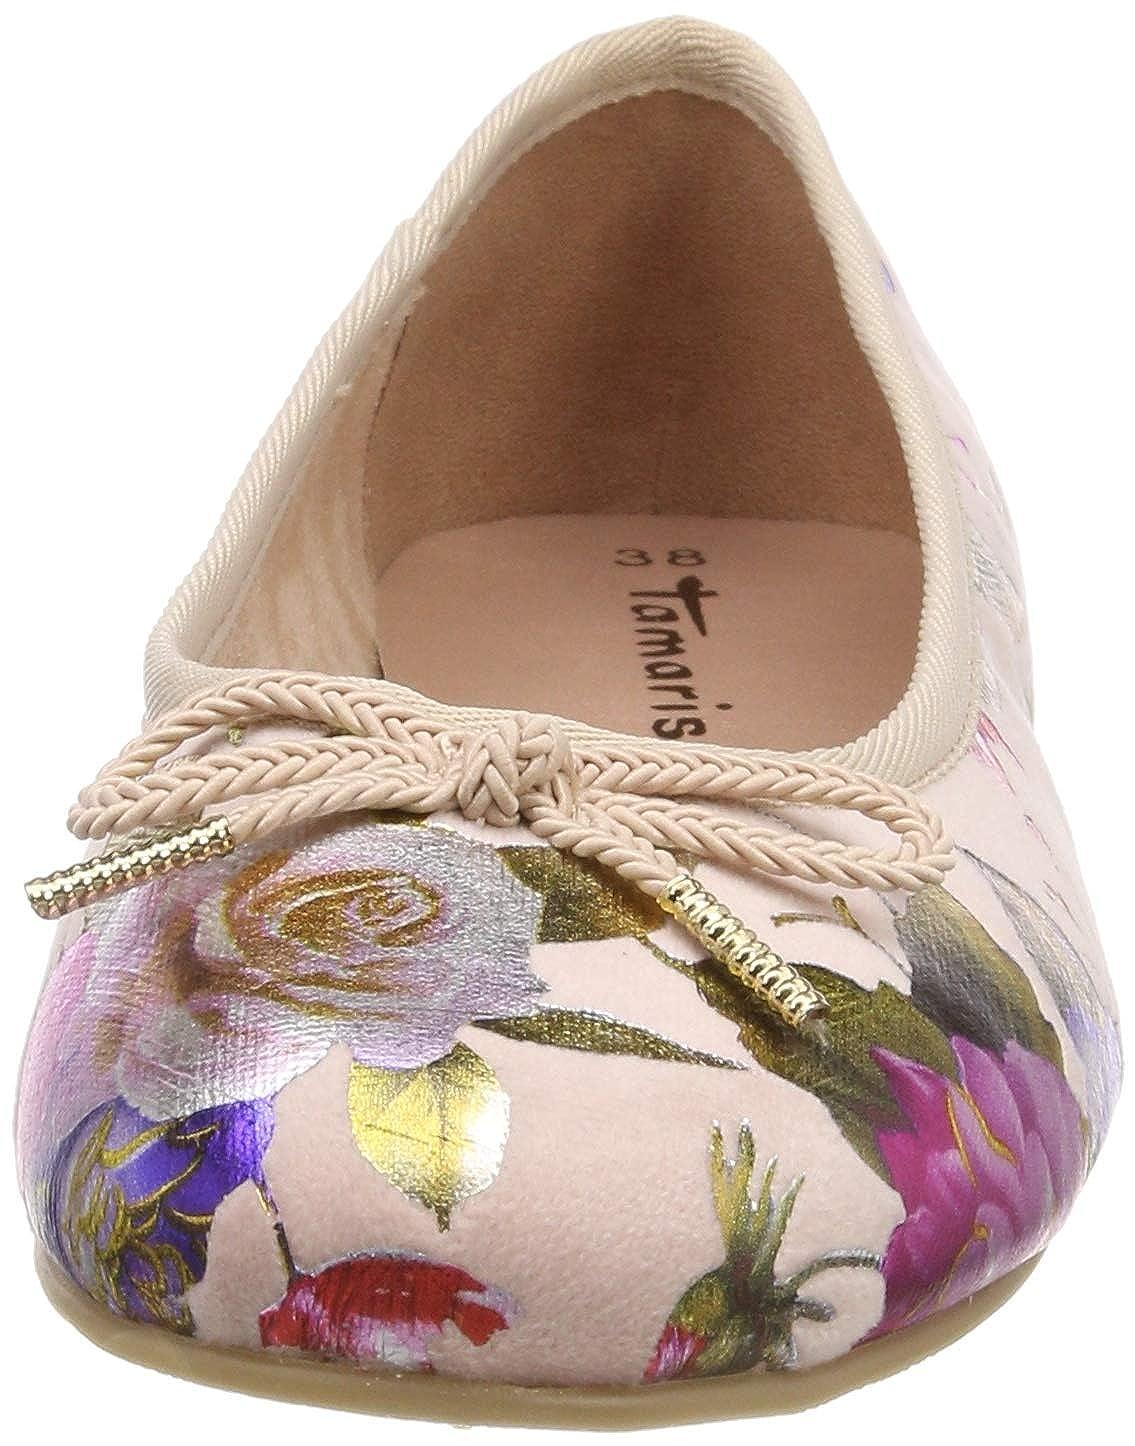 Ballerines Femme Tamaris 1-1-22142-22 584